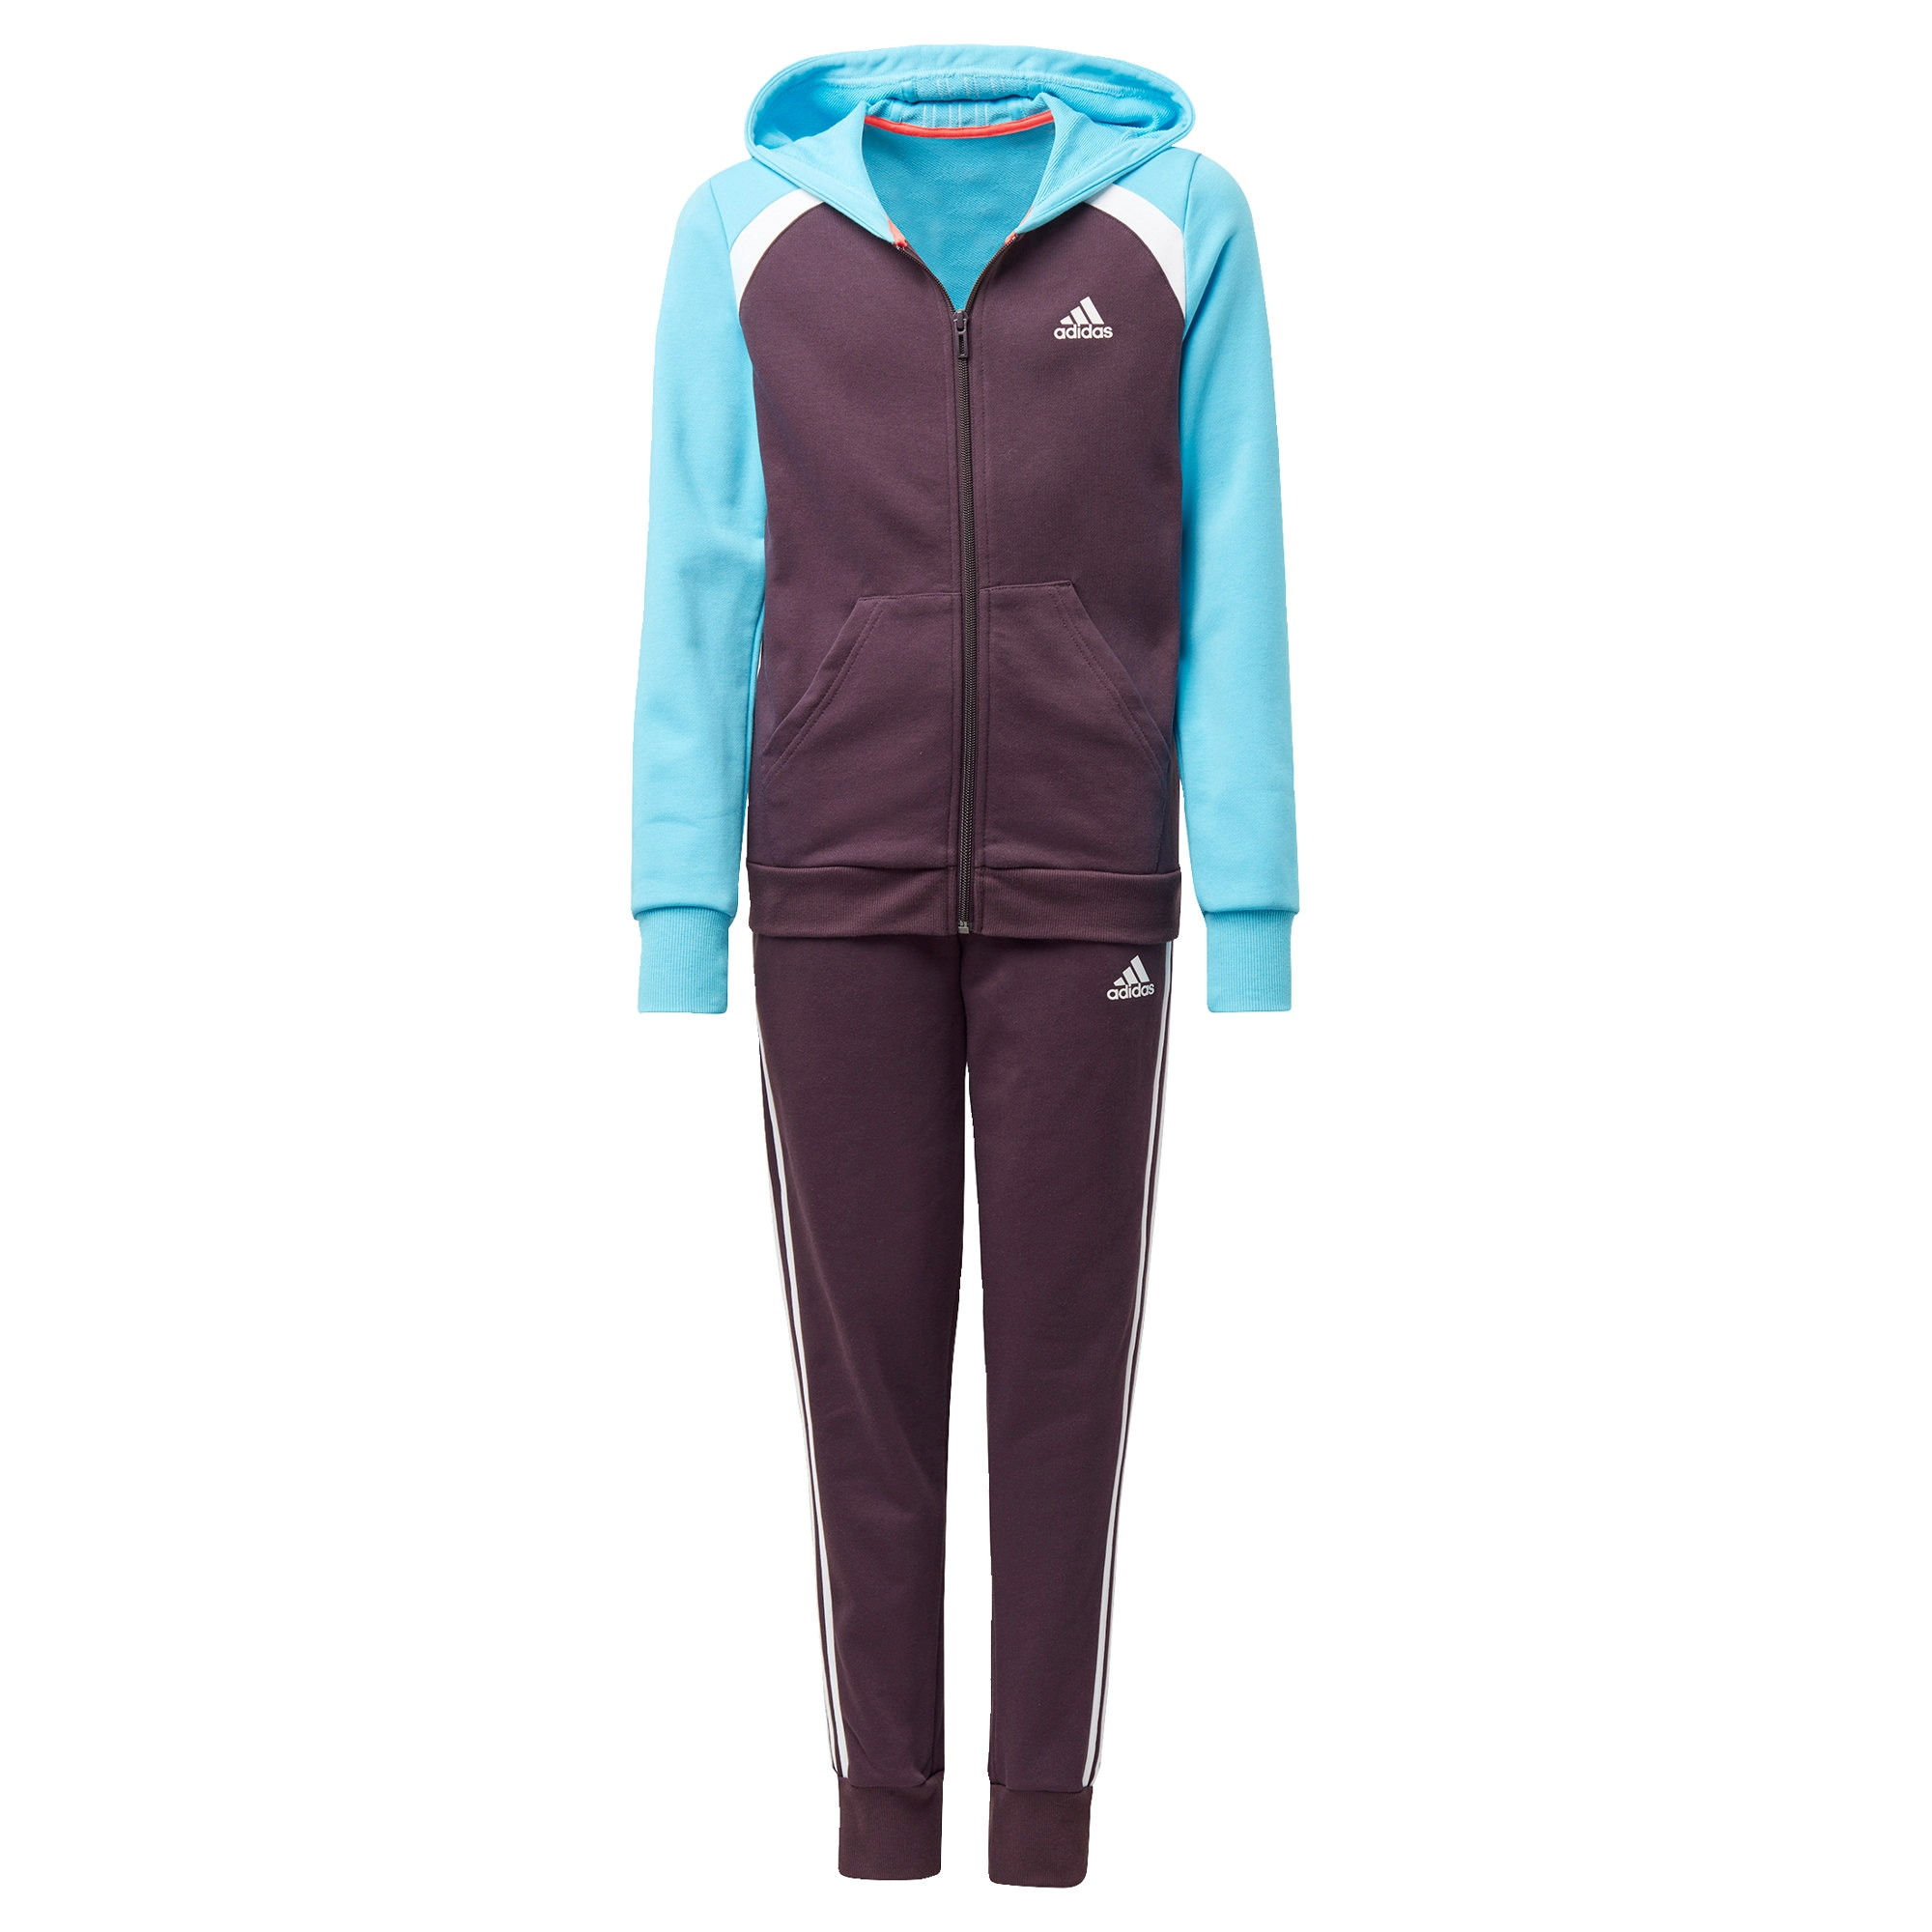 ADIDAS PERFORMANCE Treniruočių kostiumas mėlyna / purpurinė